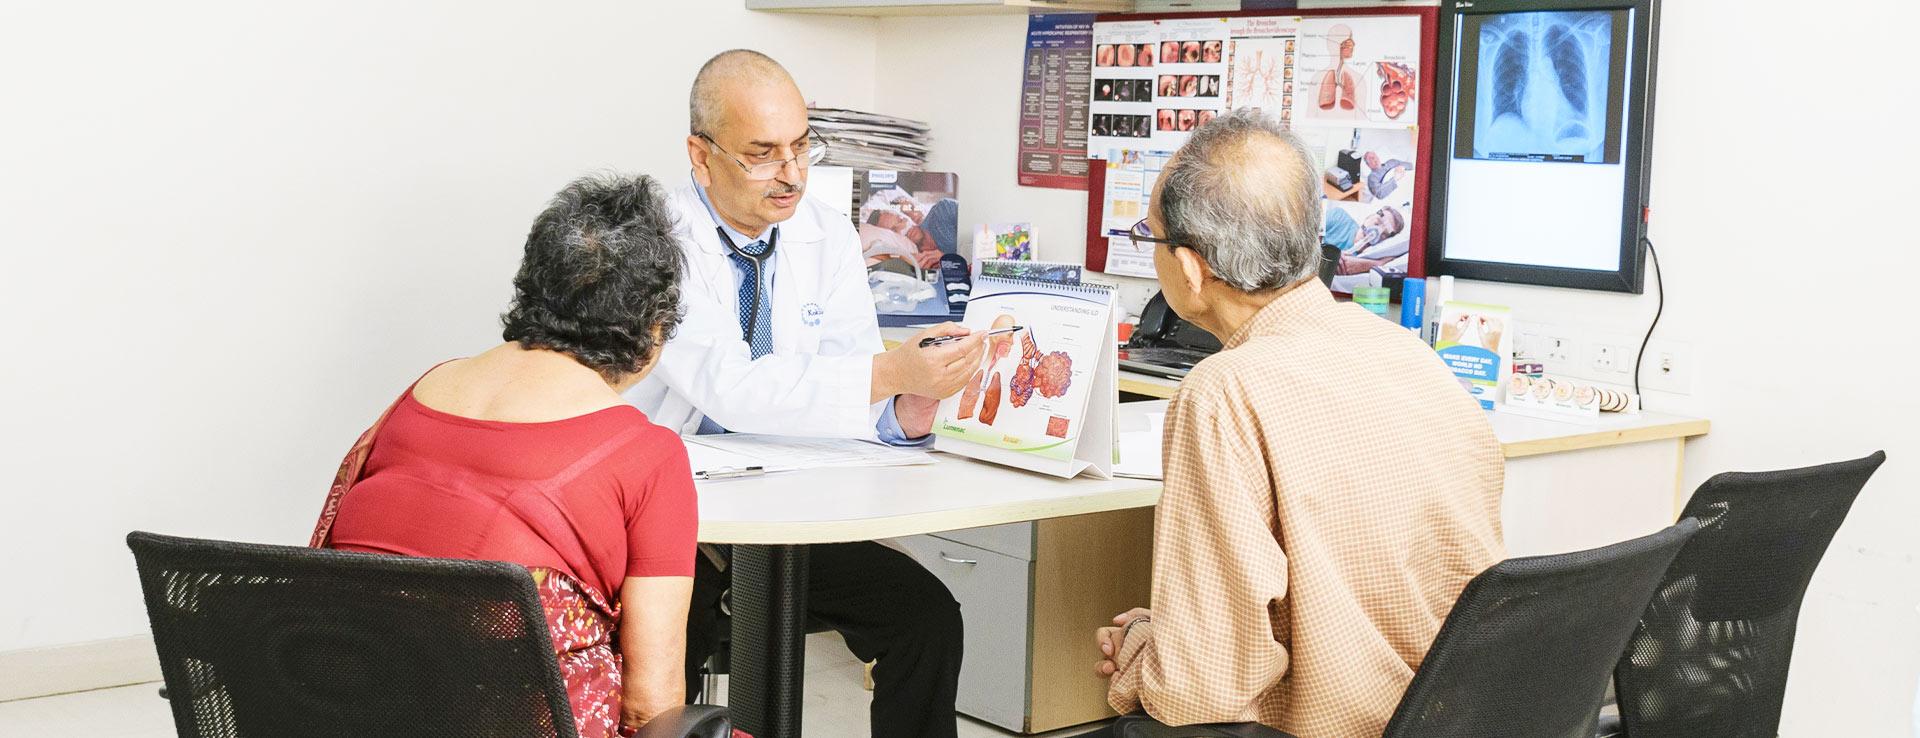 Specialty Clinics